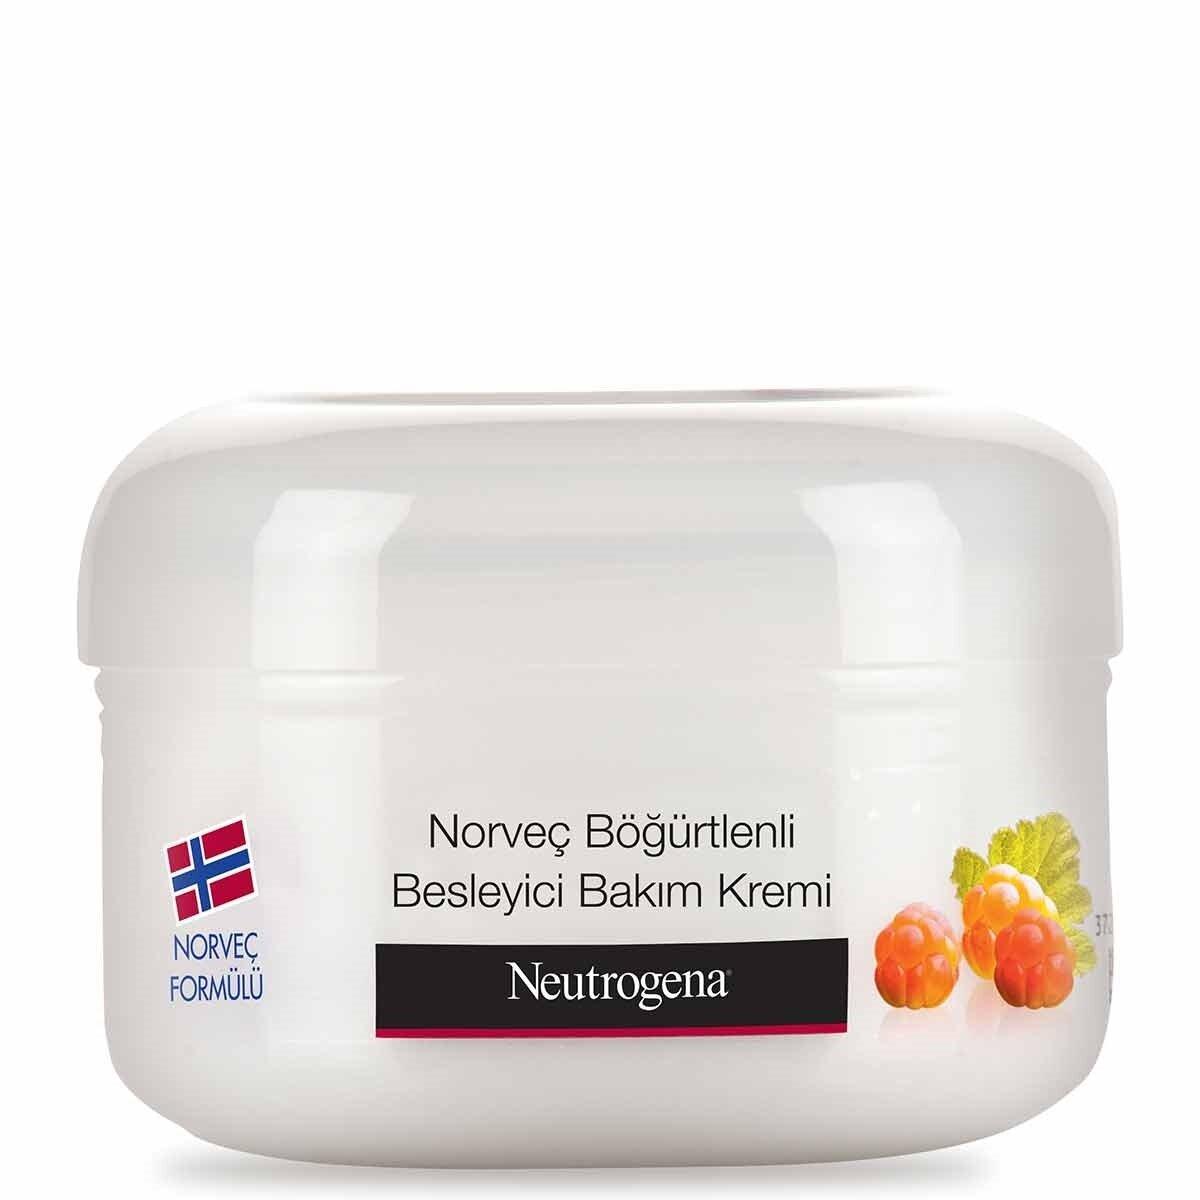 Nordic Berry Body Balm Vücut Kremi 200 ml